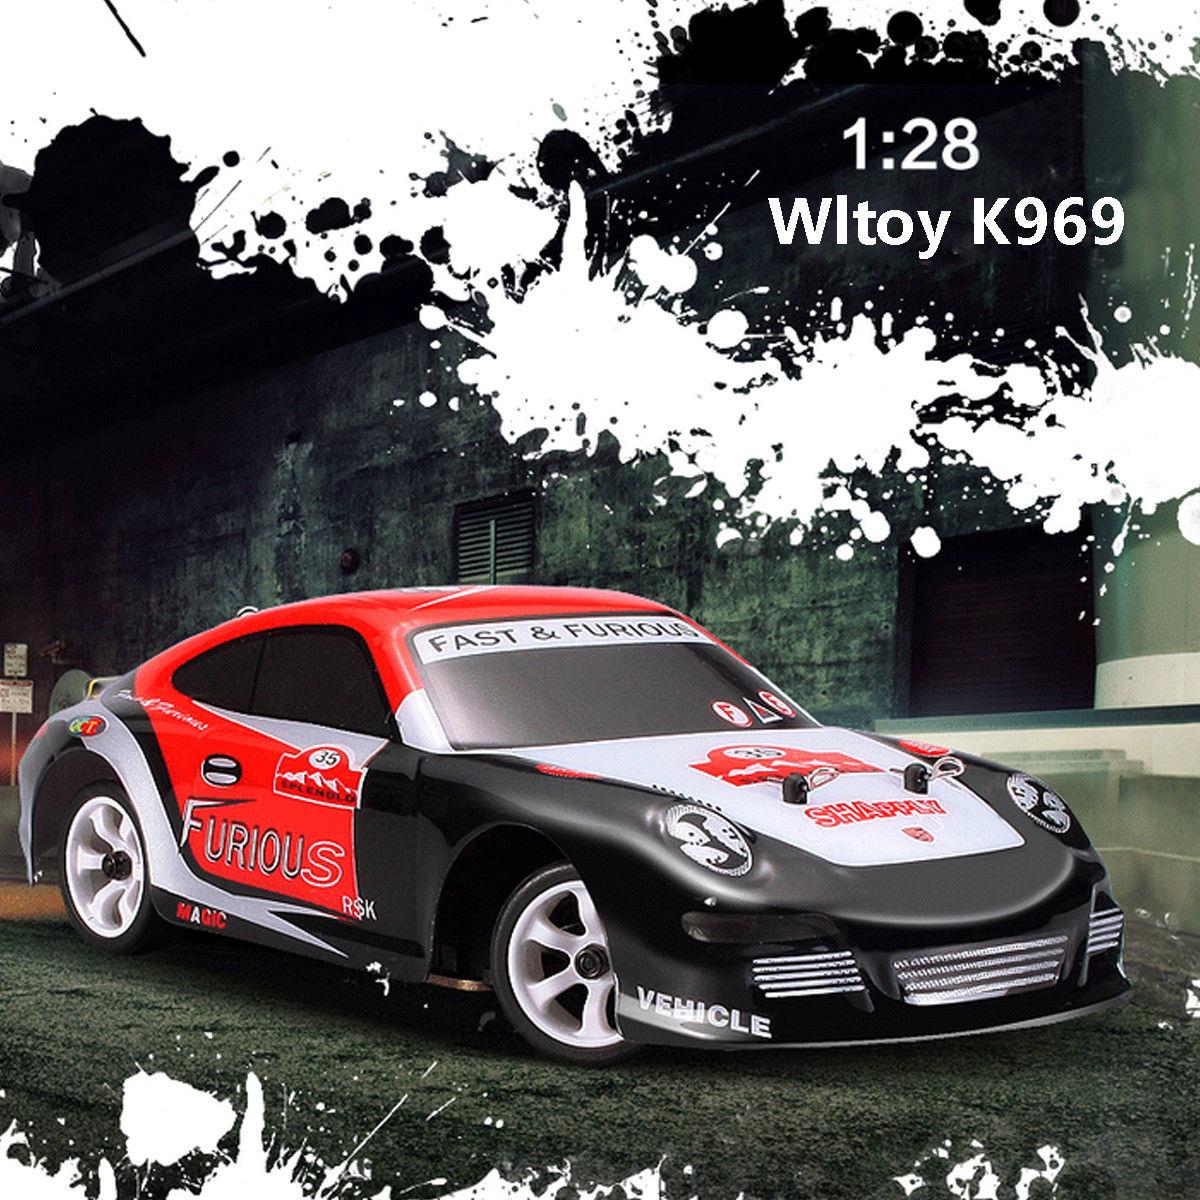 Wltoys K969 1/28 2.4G 4WD haute qualité brossé Mini voiture RC dérive voiture 30 KM/H véhicule jouet jouets de plein air pour garçon jouets cadeaux